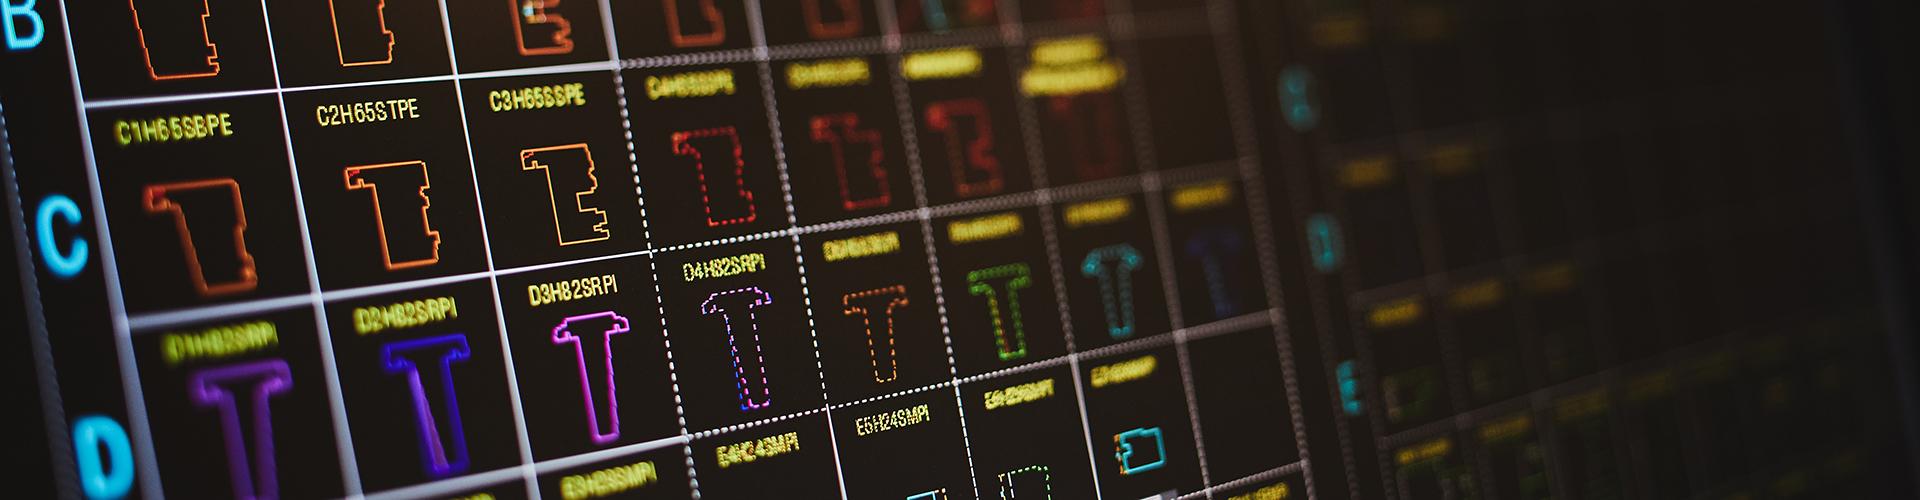 Bilde fra skjerm til avansert maskin